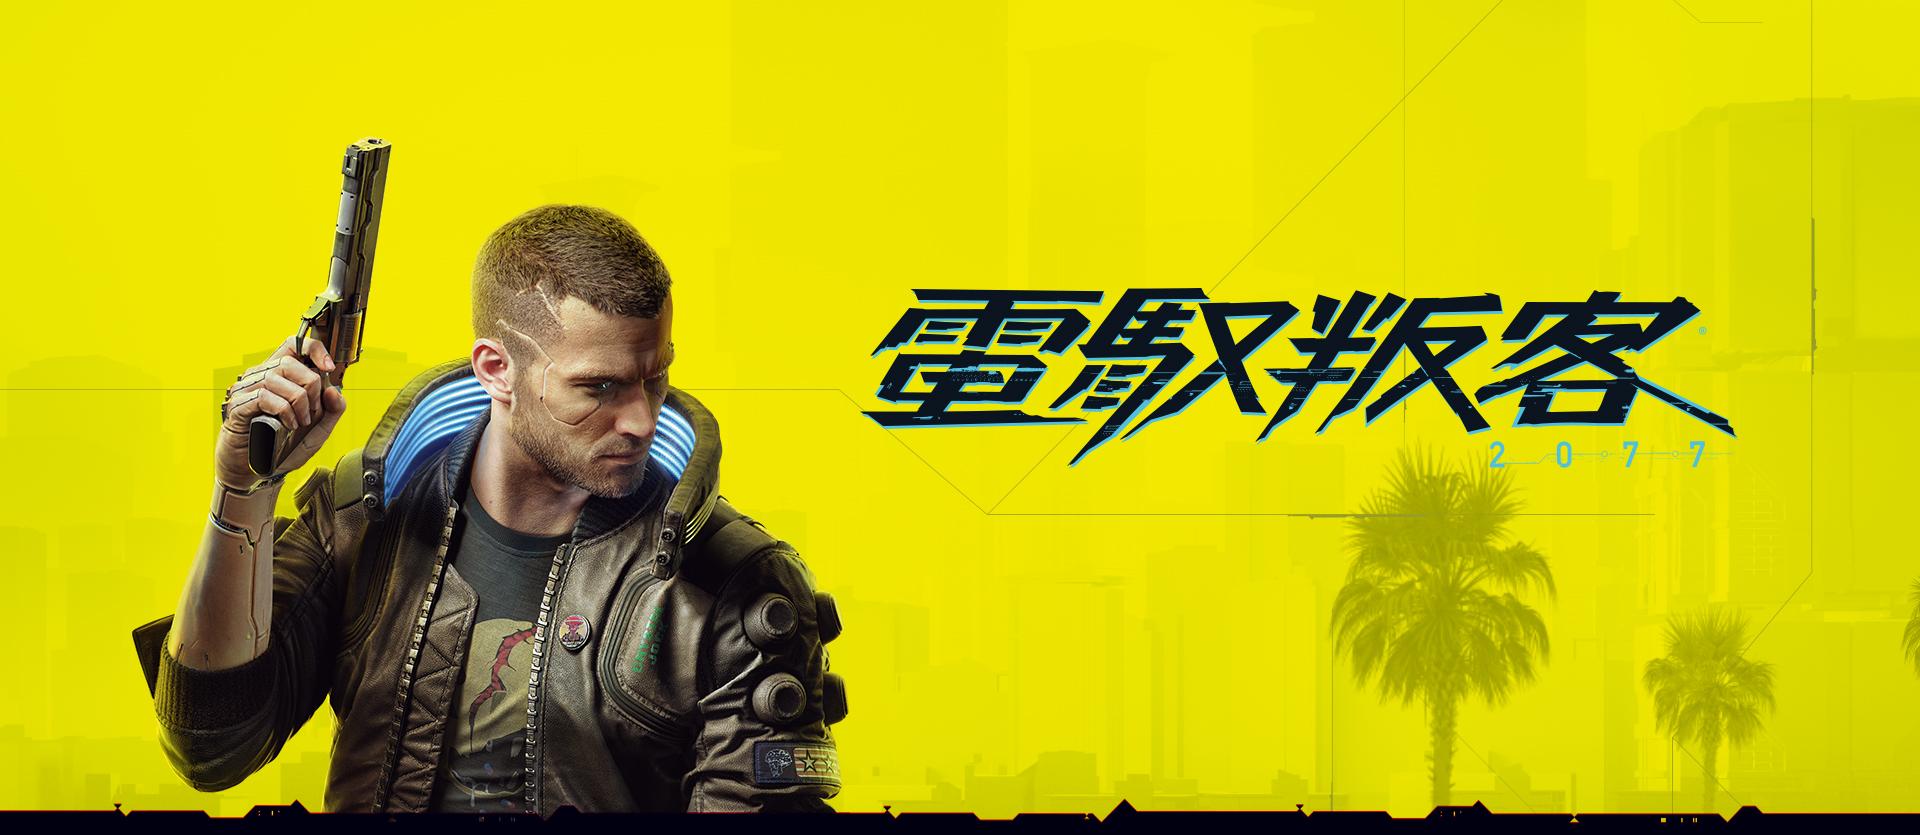 《電馭叛客 2077》角色拿著手槍,標誌在旁邊展開的動畫